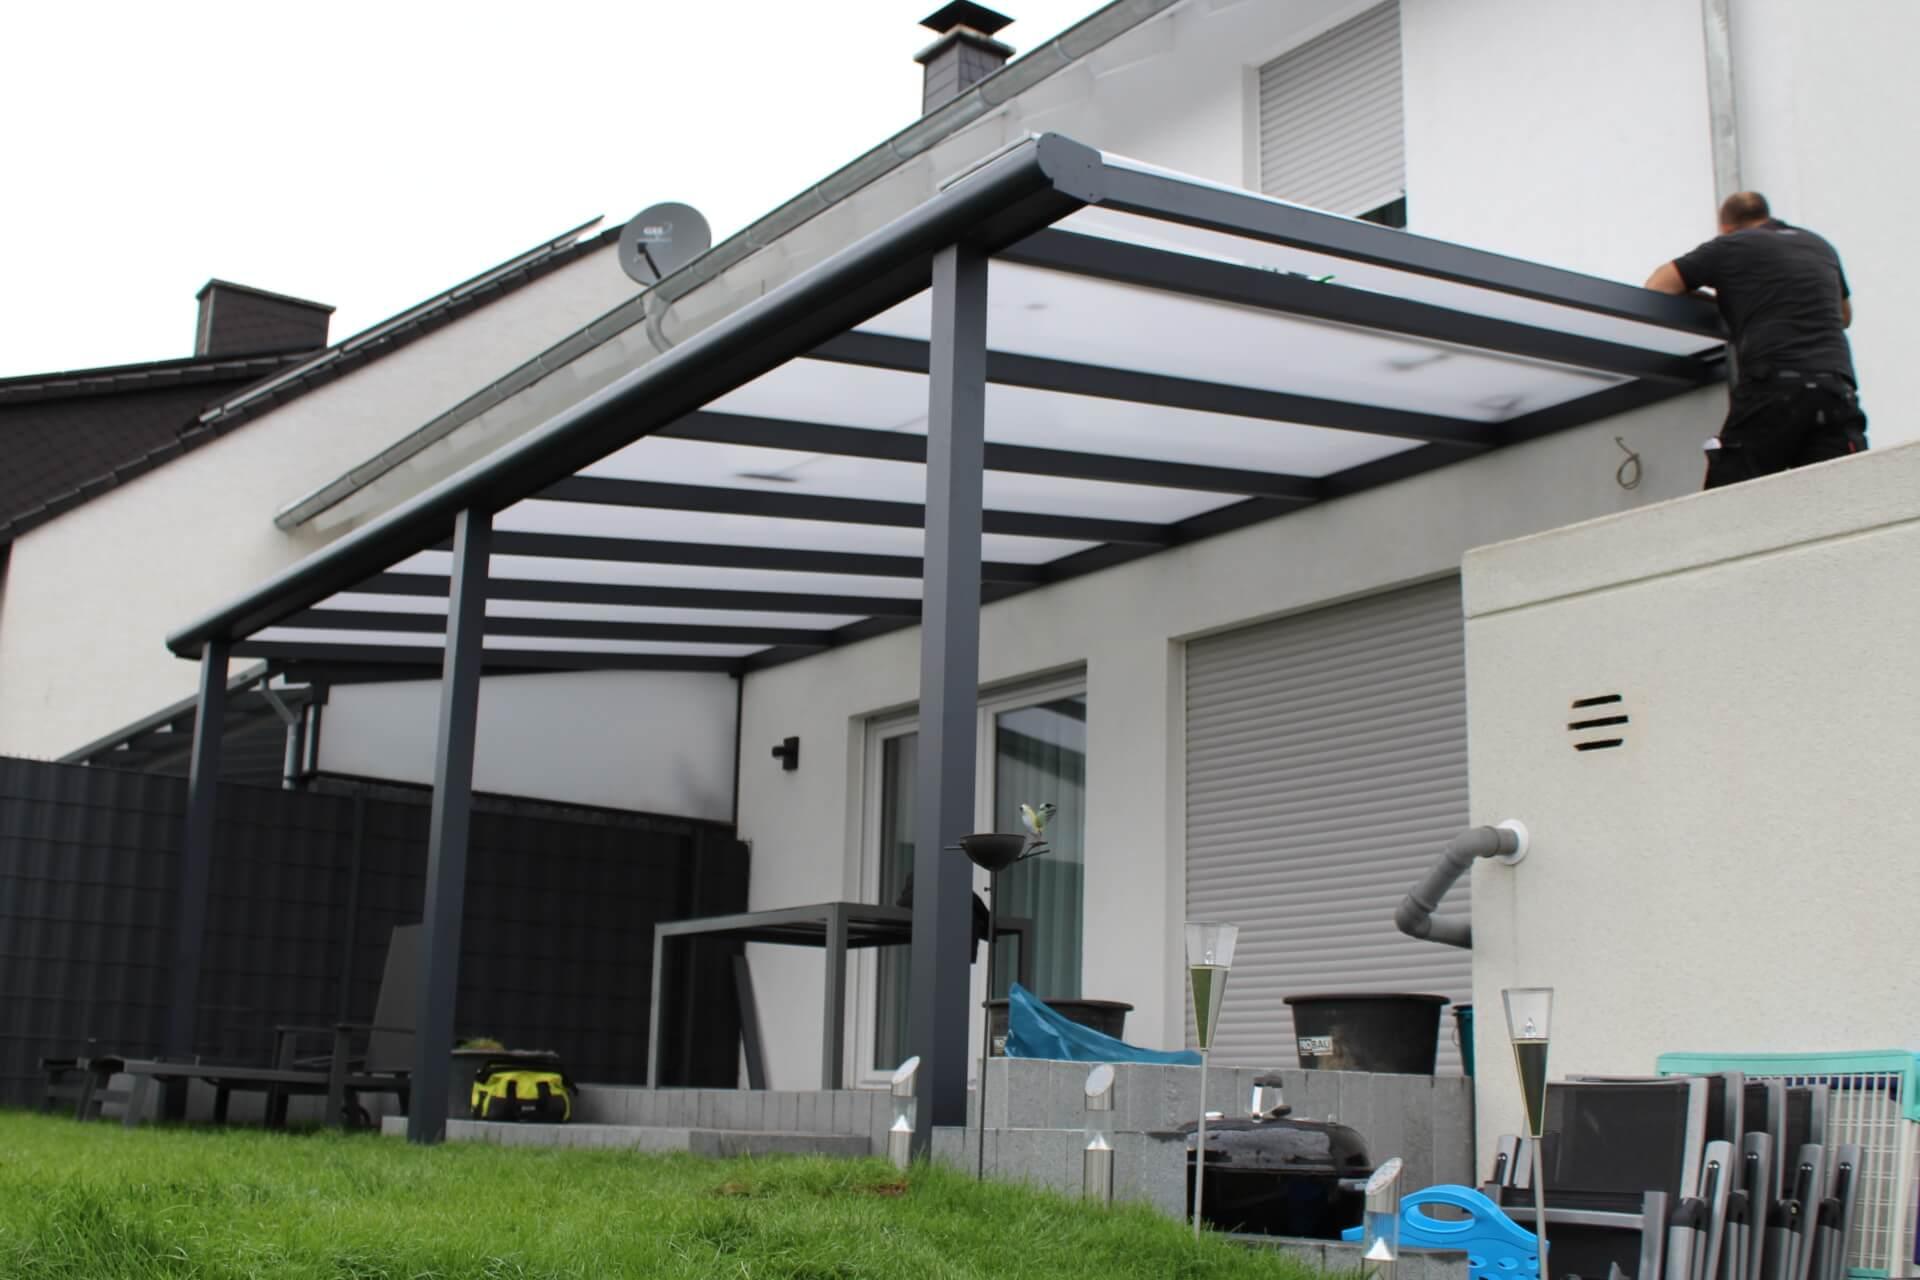 Terrassenuberdachung Mit 16mm Polycarbonatplatten Bek Bauelemente